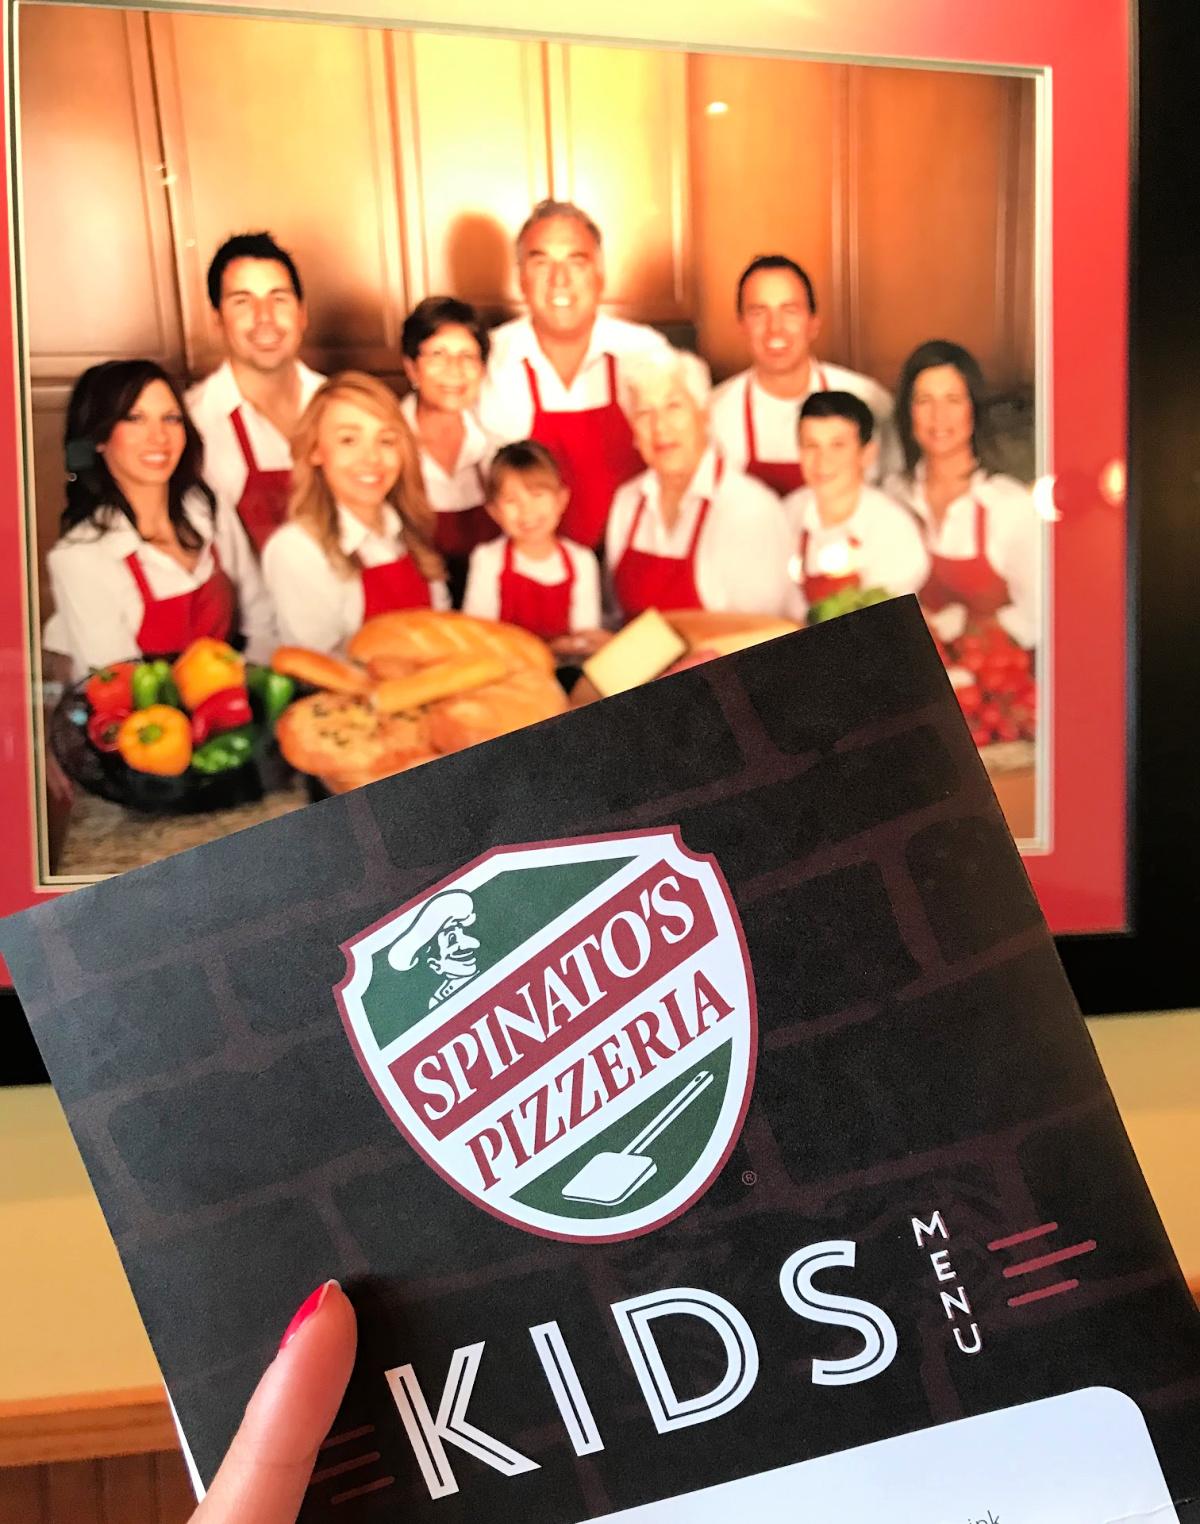 Spinato's